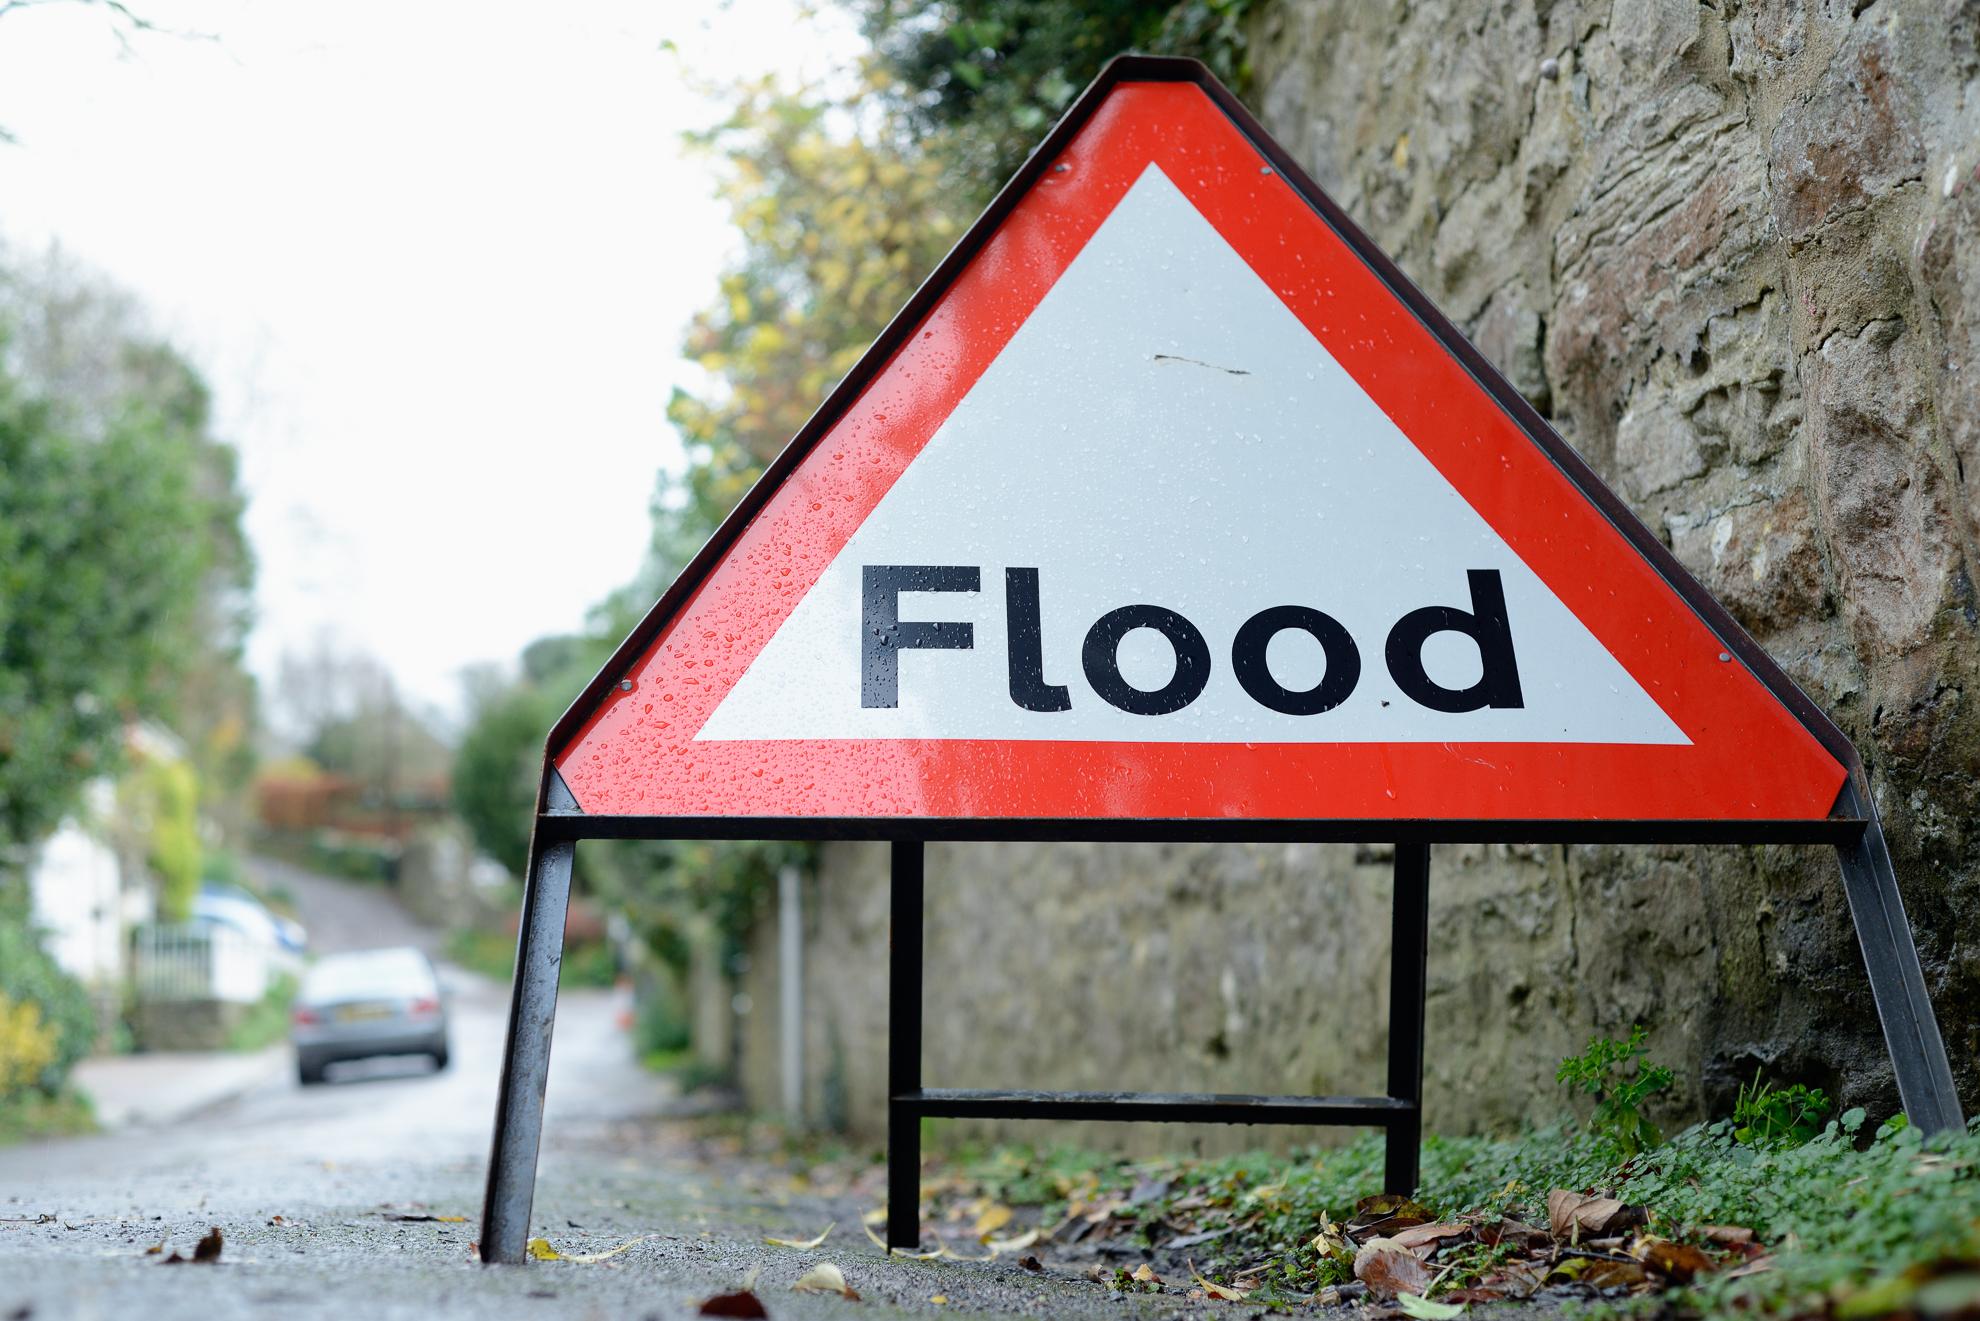 flood risk warning sign in rural road